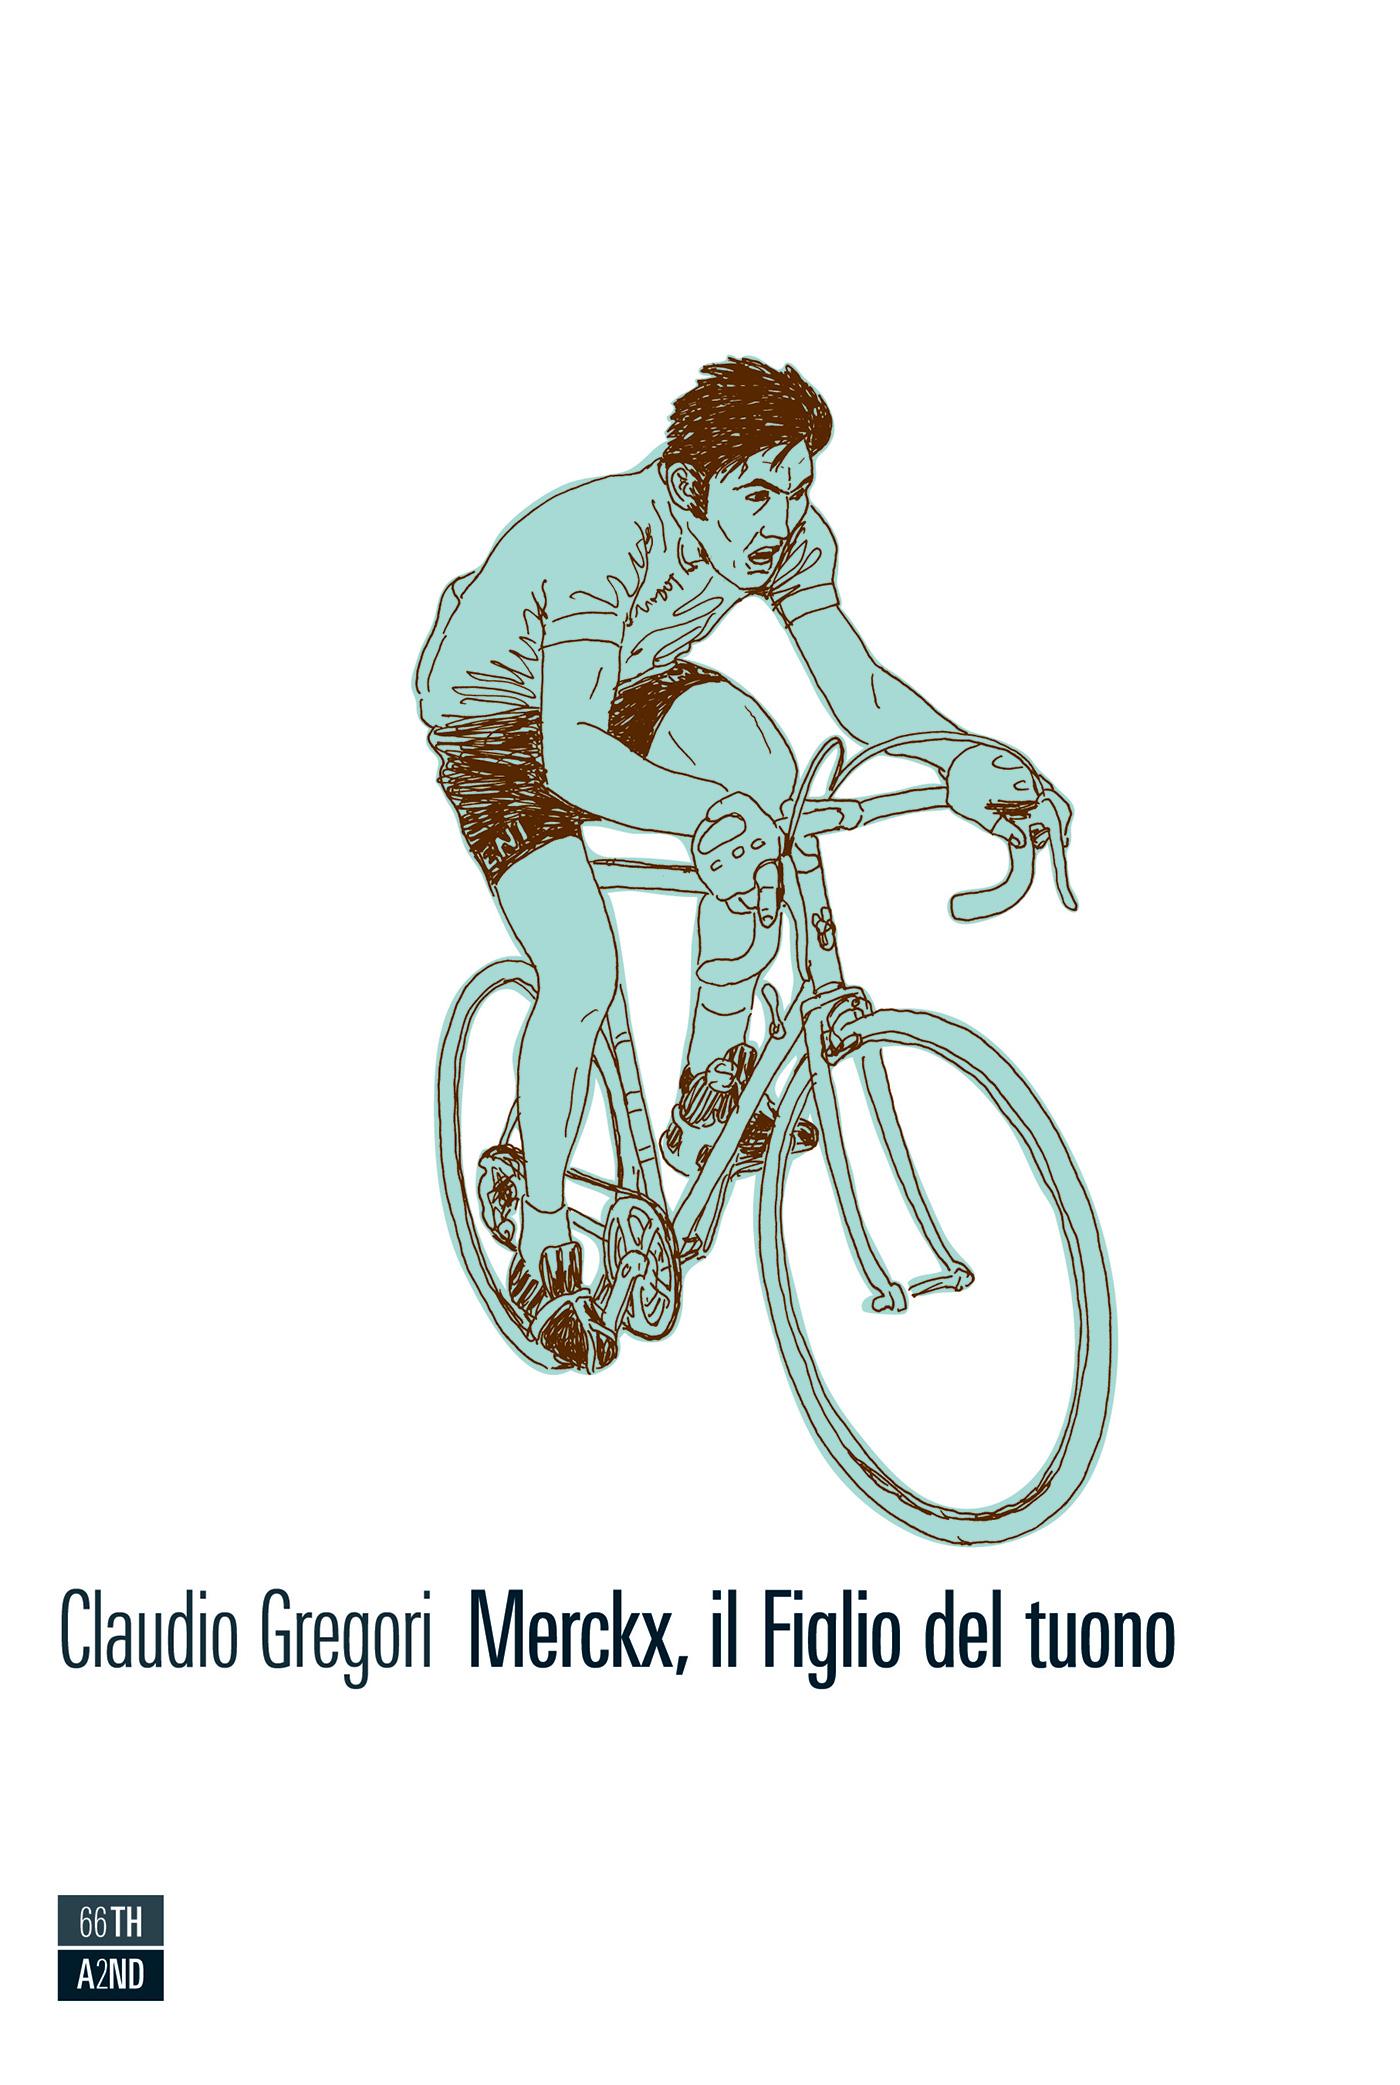 Merckx, il Figlio del tuono (Merckx, the Thunder's Son)